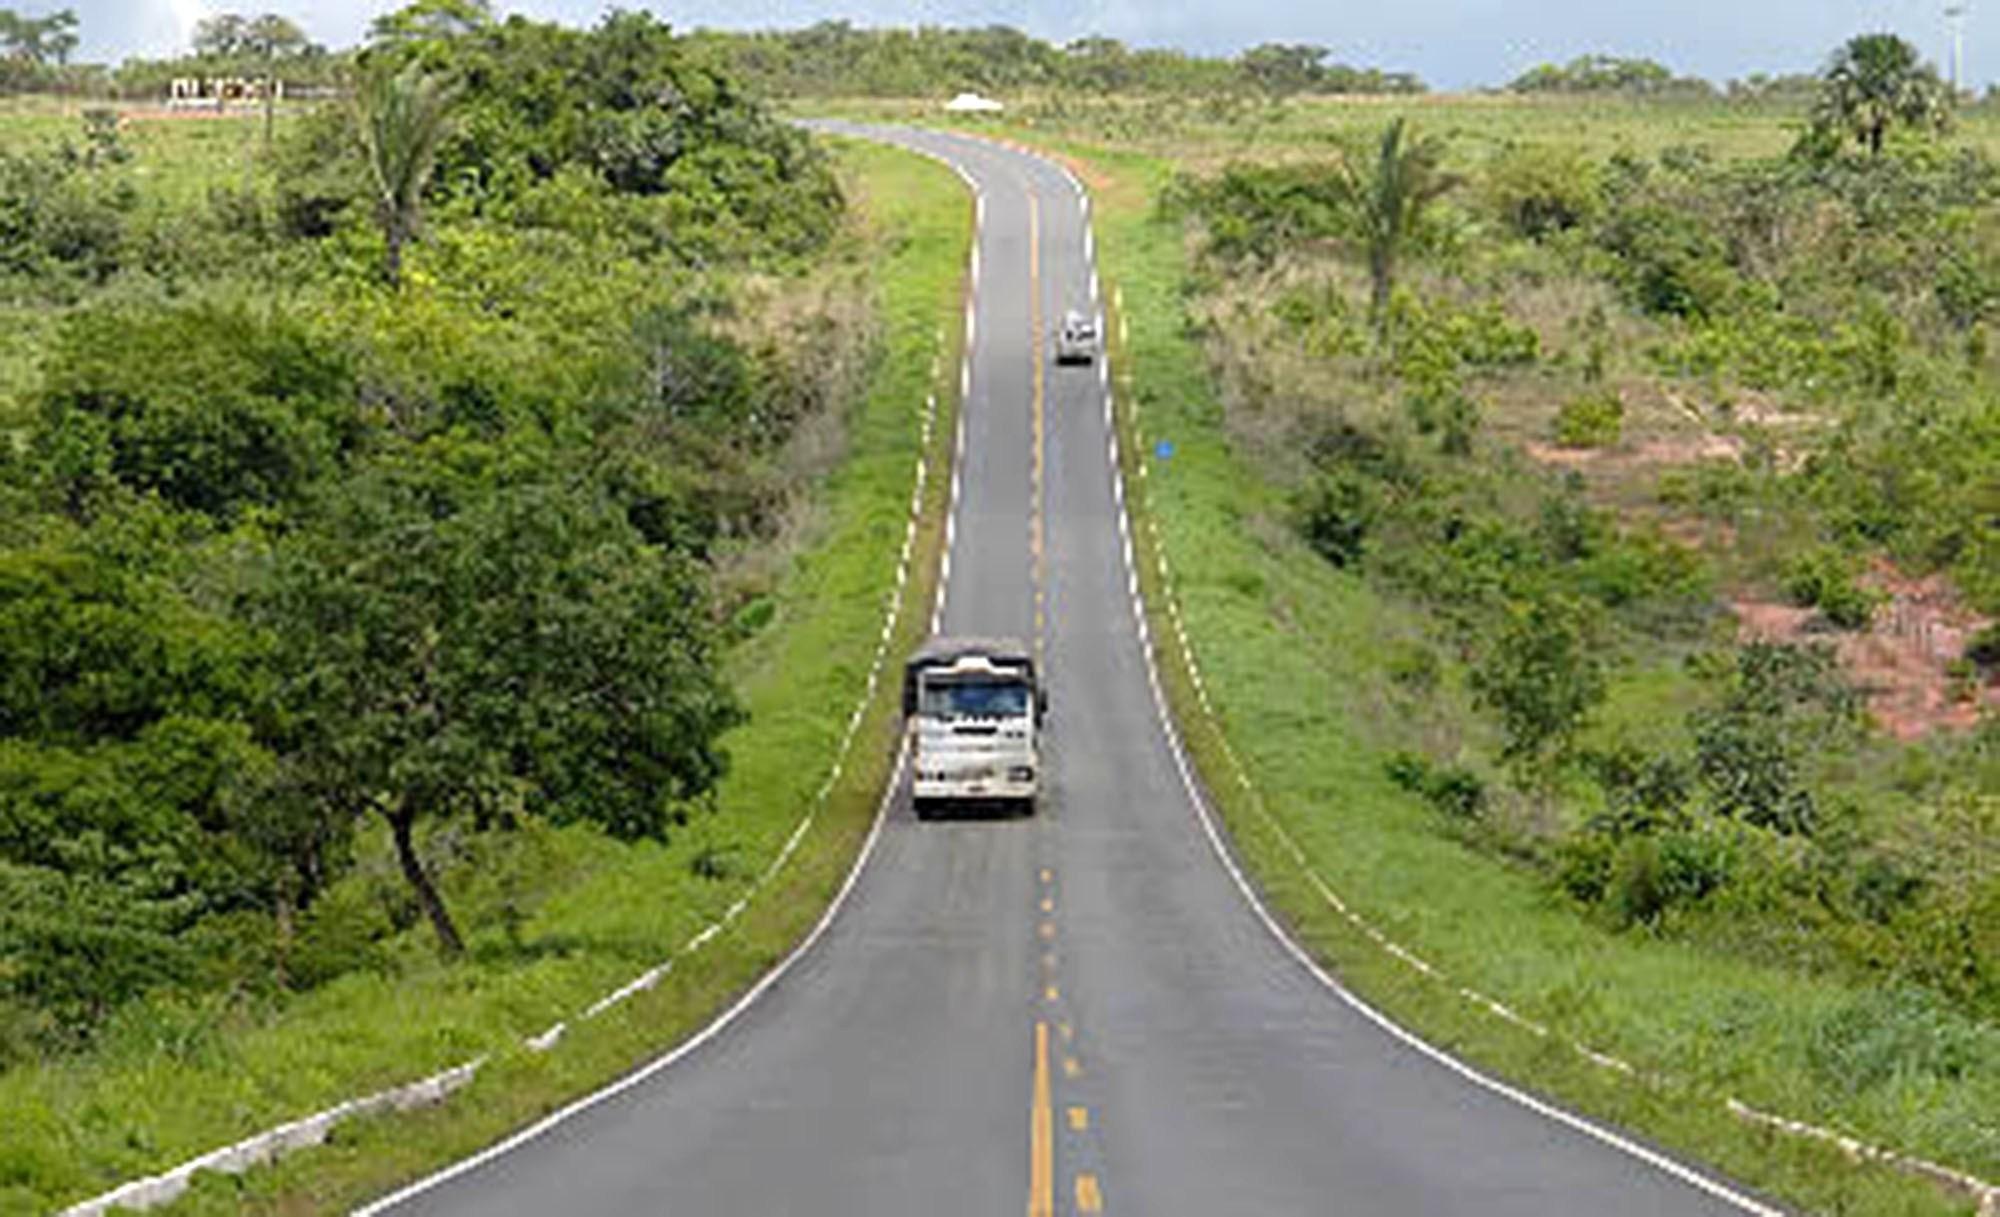 Taques diz que parcerias público-privadas são vias para superar gargalos logísticos em MT